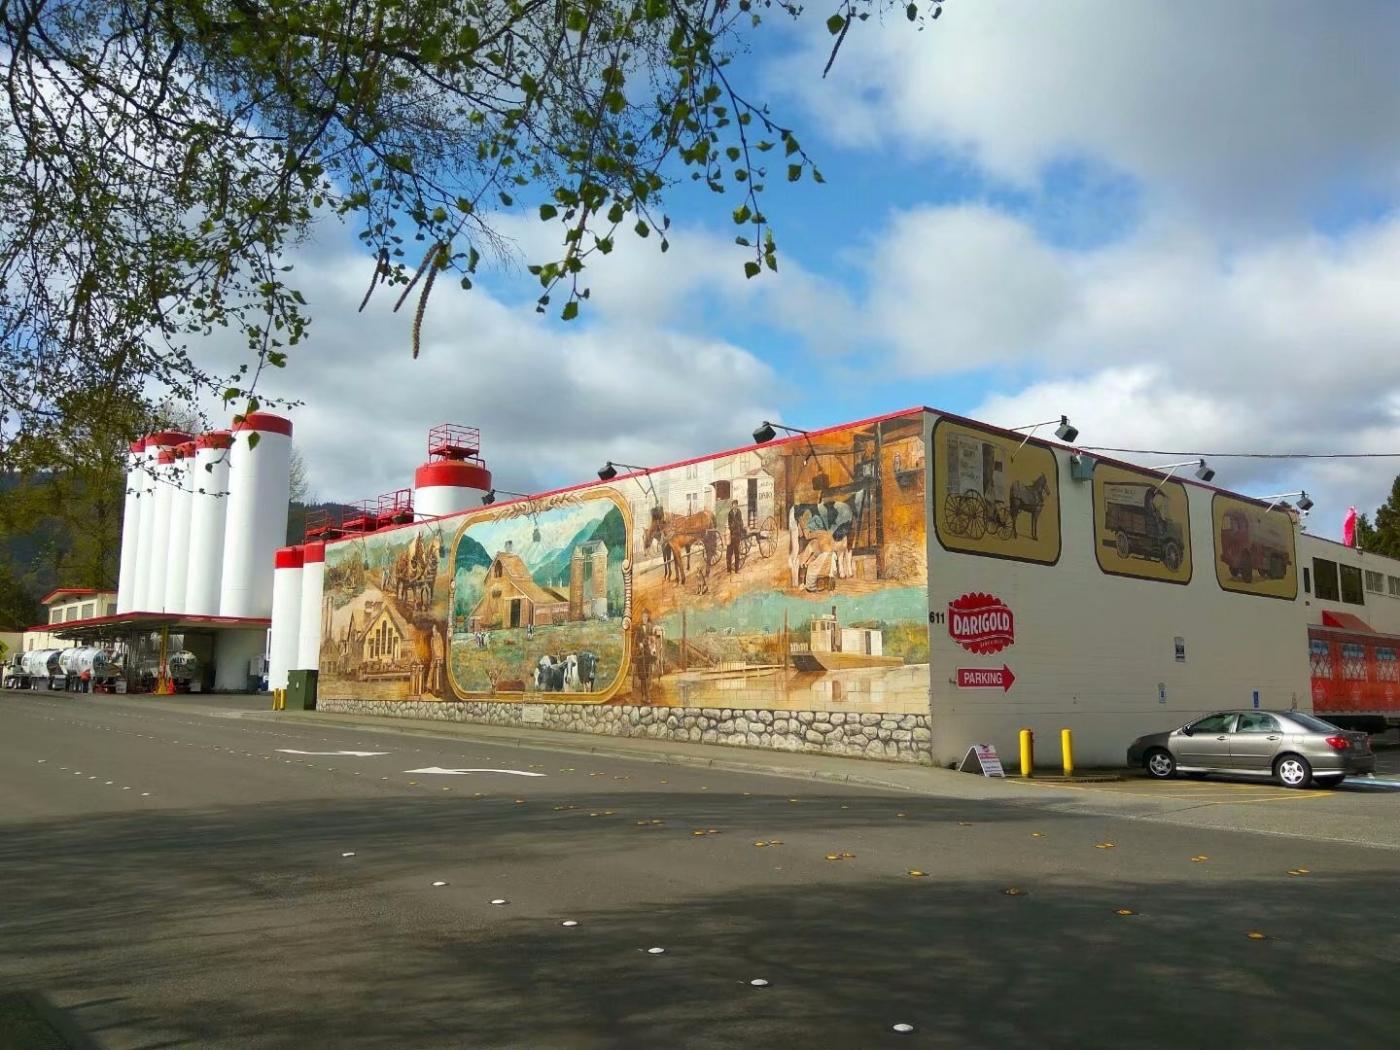 美国小镇街边壁画(图)_图1-13